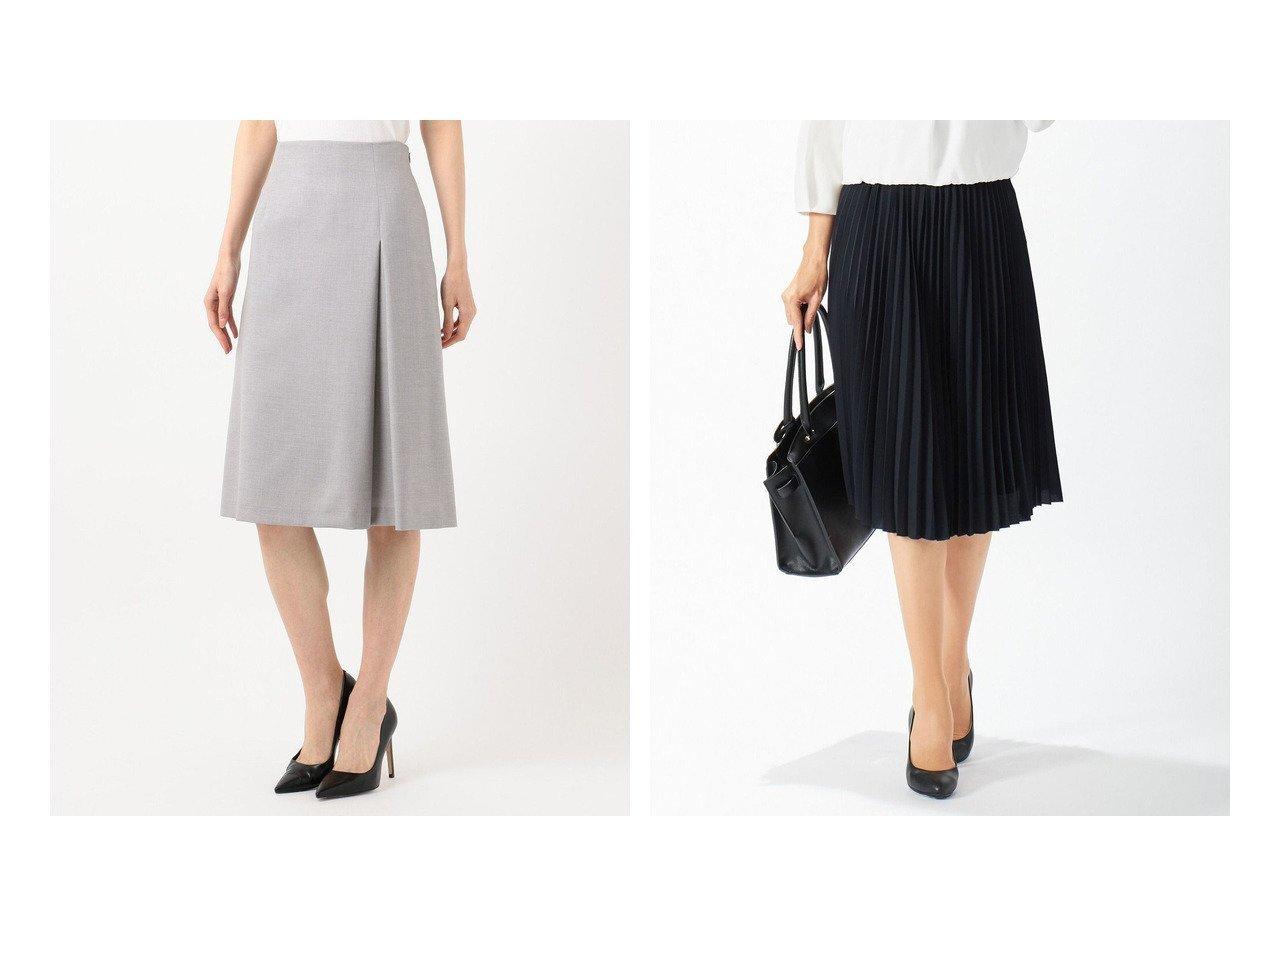 【J.PRESS/ジェイ プレス】のノルディス2WAYジョーゼット スカート&【洗える】FLAXASA スカート 【スカート】おすすめ!人気、トレンド・レディースファッションの通販 おすすめで人気の流行・トレンド、ファッションの通販商品 インテリア・家具・メンズファッション・キッズファッション・レディースファッション・服の通販 founy(ファニー) https://founy.com/ ファッション Fashion レディースファッション WOMEN スカート Skirt プリーツスカート Pleated Skirts 送料無料 Free Shipping アシンメトリー ジャケット セットアップ プリーツ リネン 洗える エレガント ジョーゼット ストレッチ フラット 人気 定番 Standard |ID:crp329100000047547